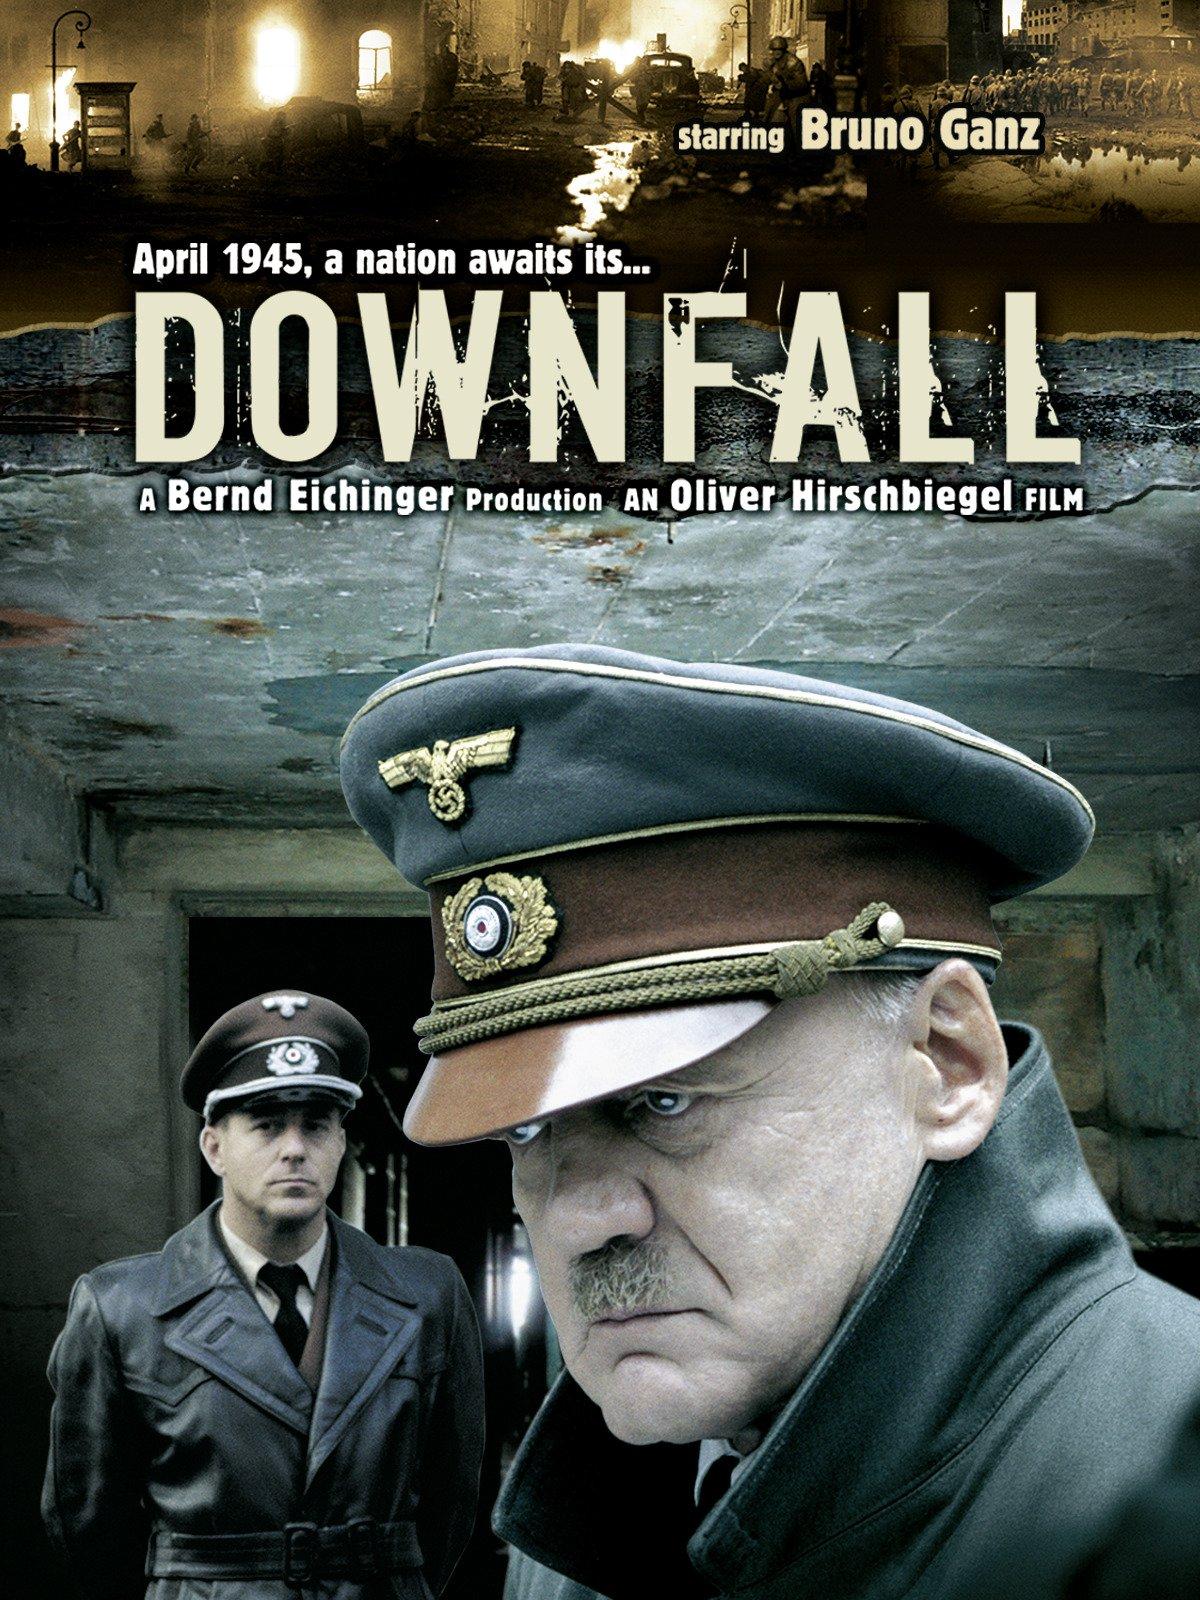 Der Untergang Downfall Bruno Ganz movie poster print